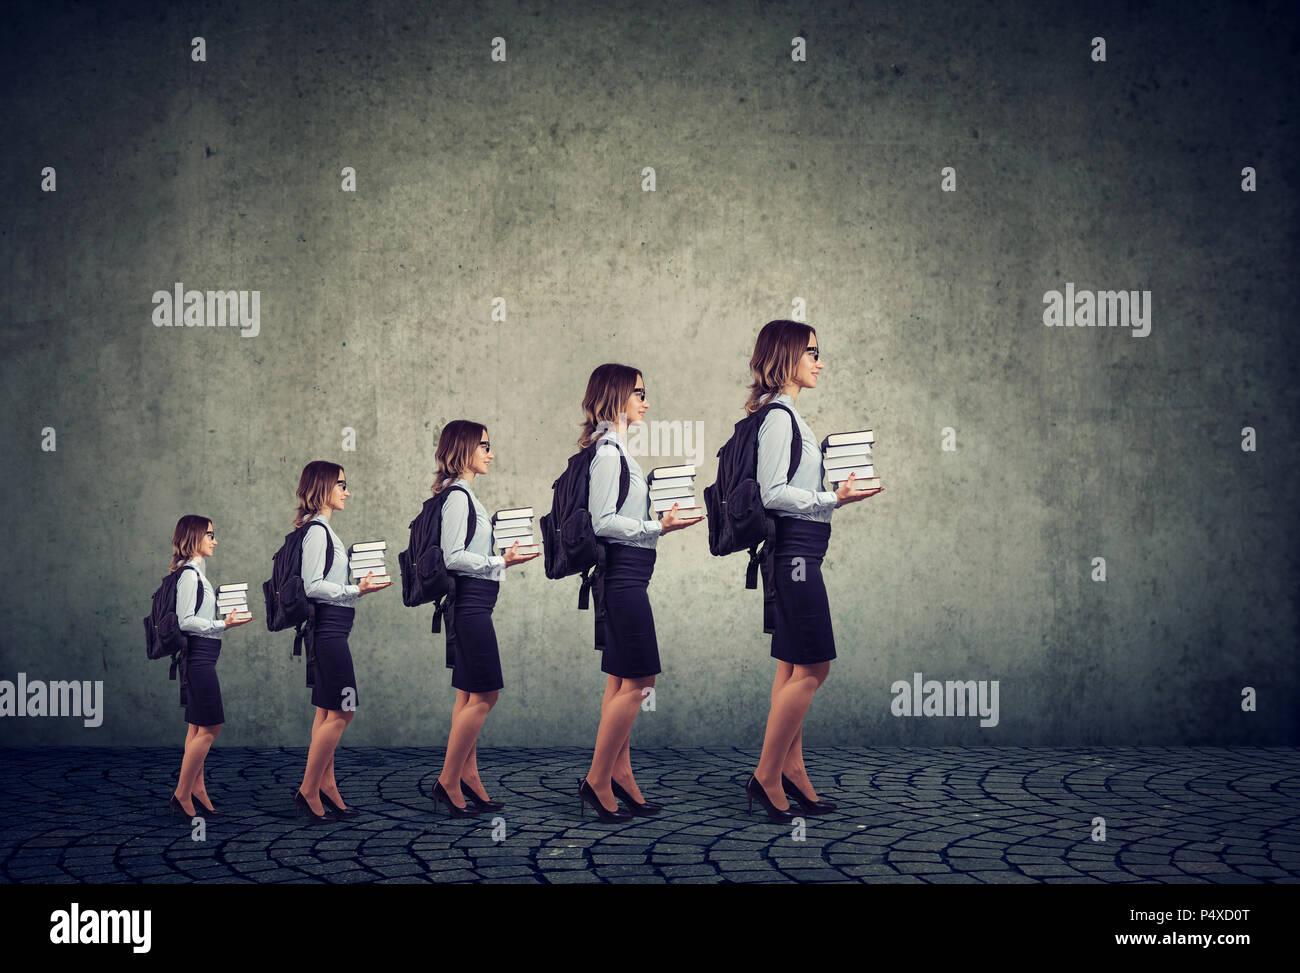 Exitosa mujer educada. El progreso en la carrera y formación profesional concepto de crecimiento Imagen De Stock